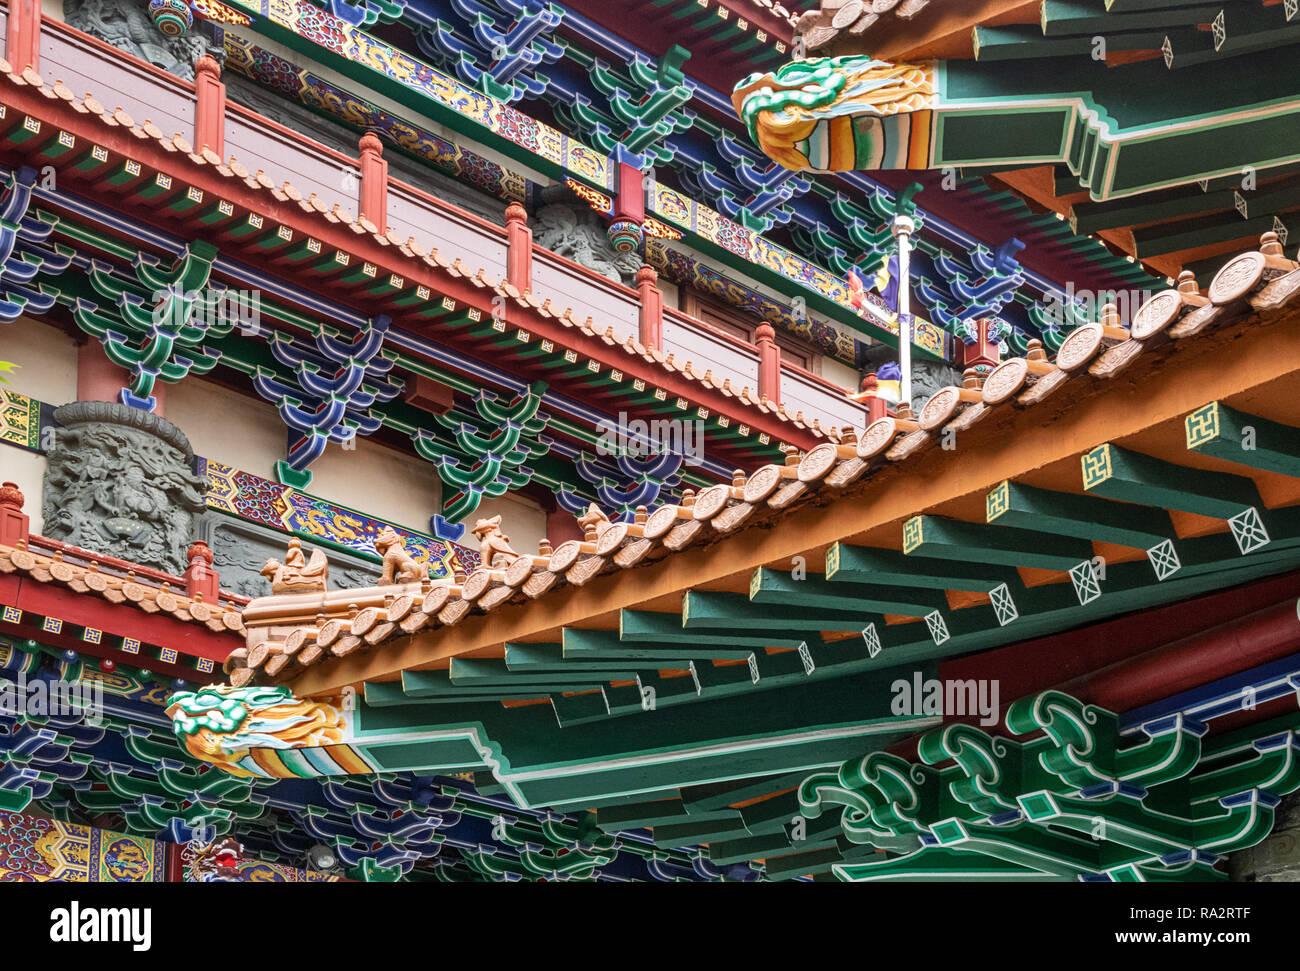 Po LIn Monastery Lantau Island, Hong Kong - Stock Image